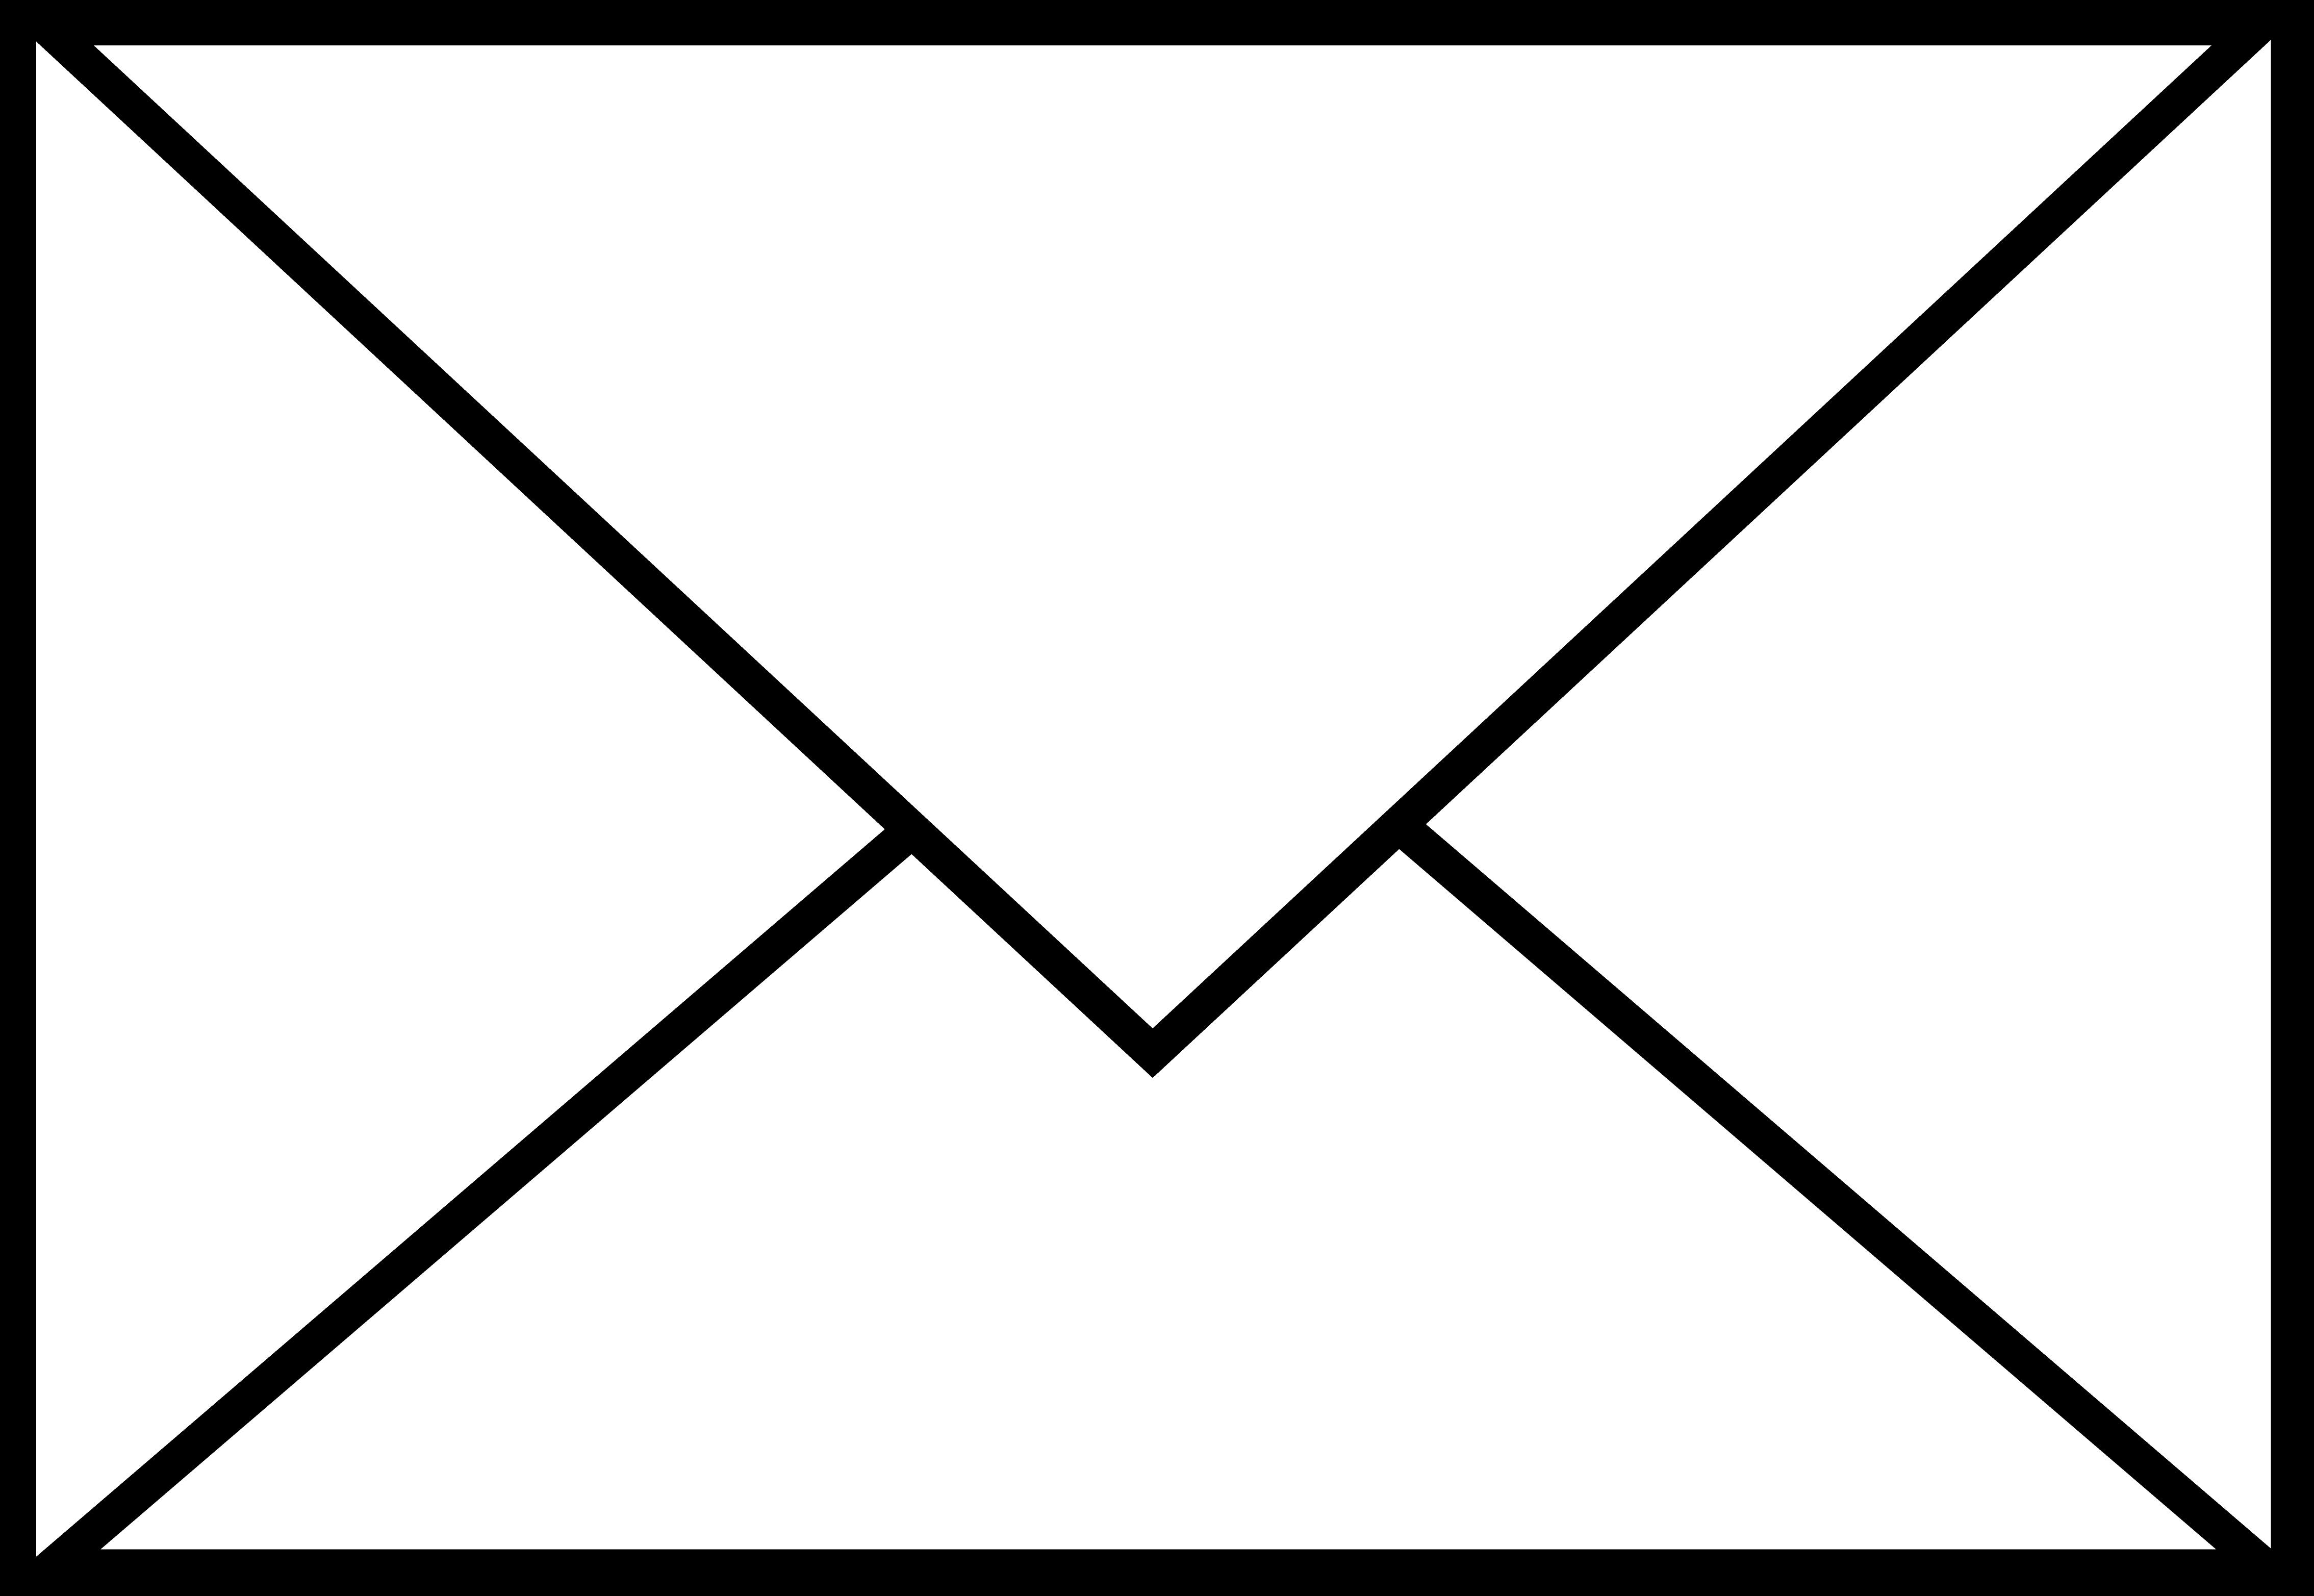 4537x3129 Letter A Image Of Alphabet Letter Clipart 0 Clip Art Letters 3